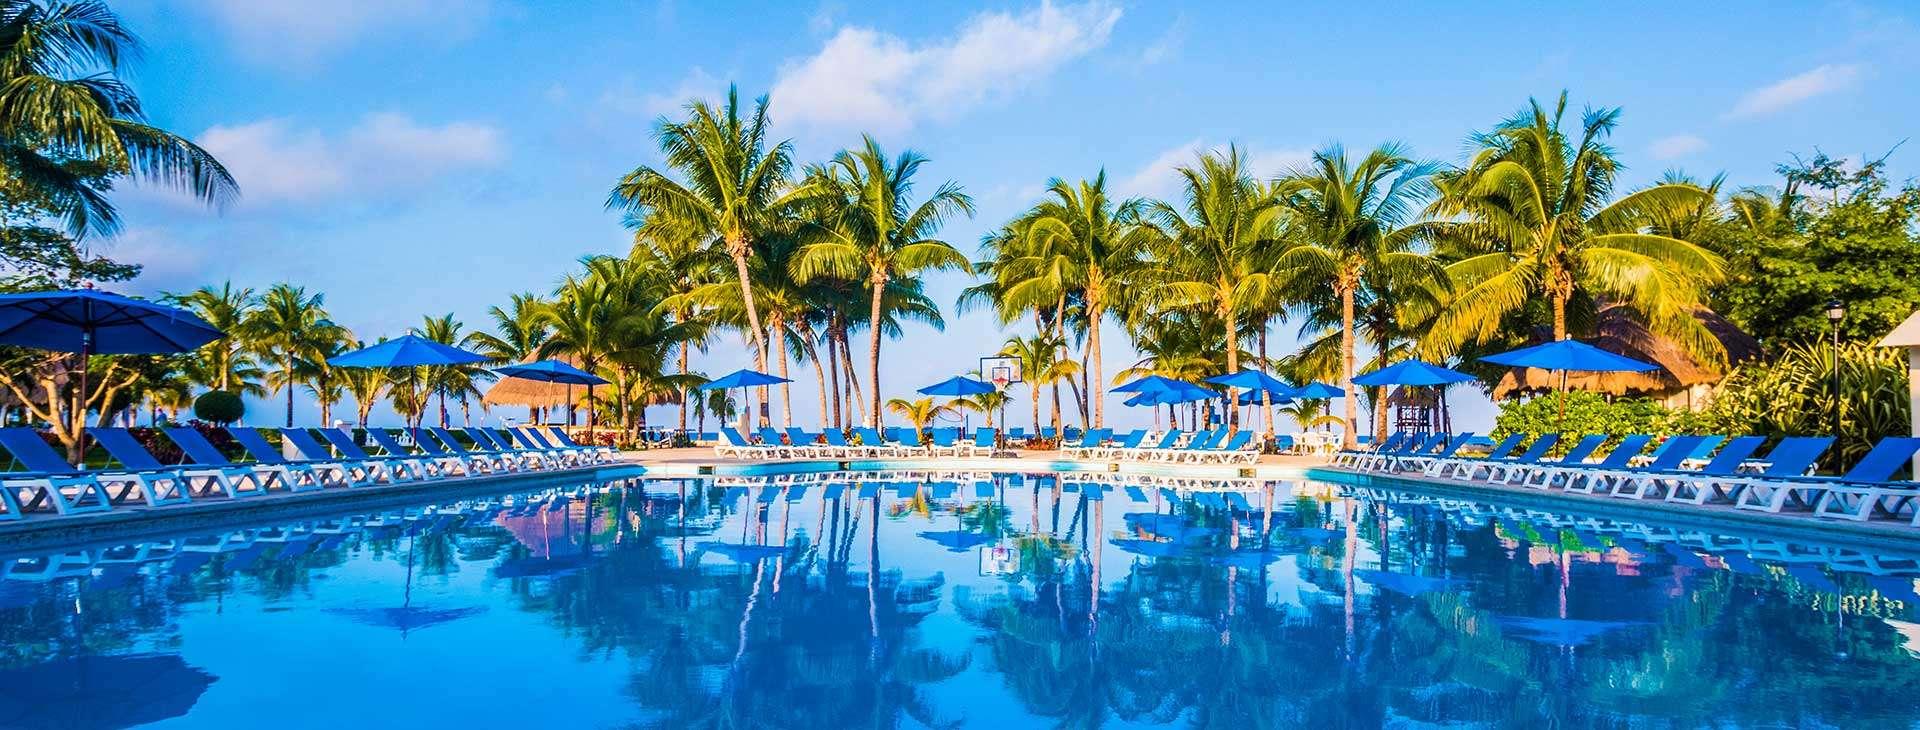 Occidental Allegro Cozumel Resort